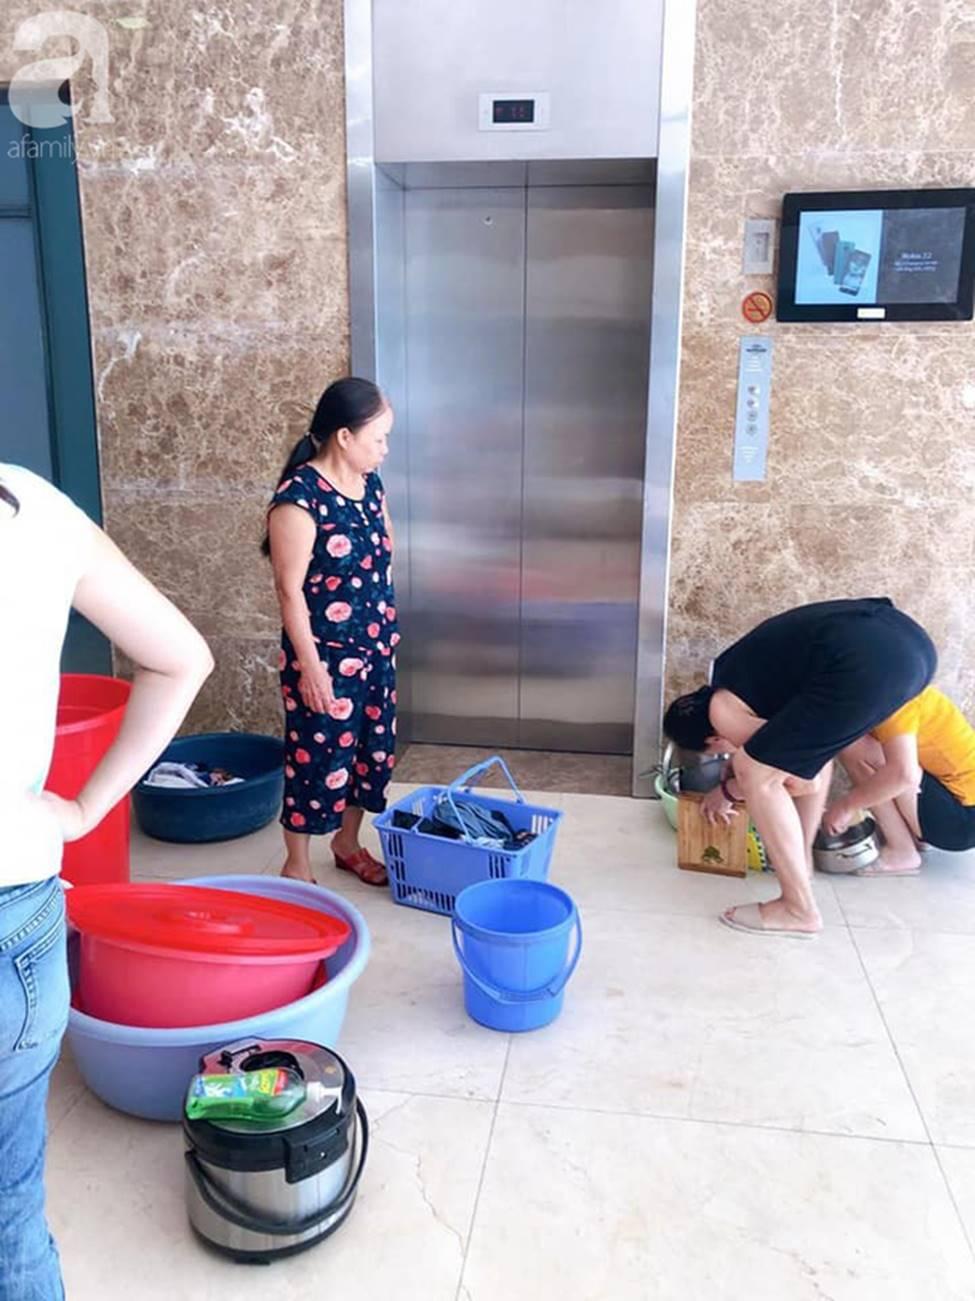 Vụ dân phải xách xô đi mua nước tại chung cư cao cấp ở Hà Nội: Chủ đầu tư cắt nước vì cư dân nợ tiền?-3